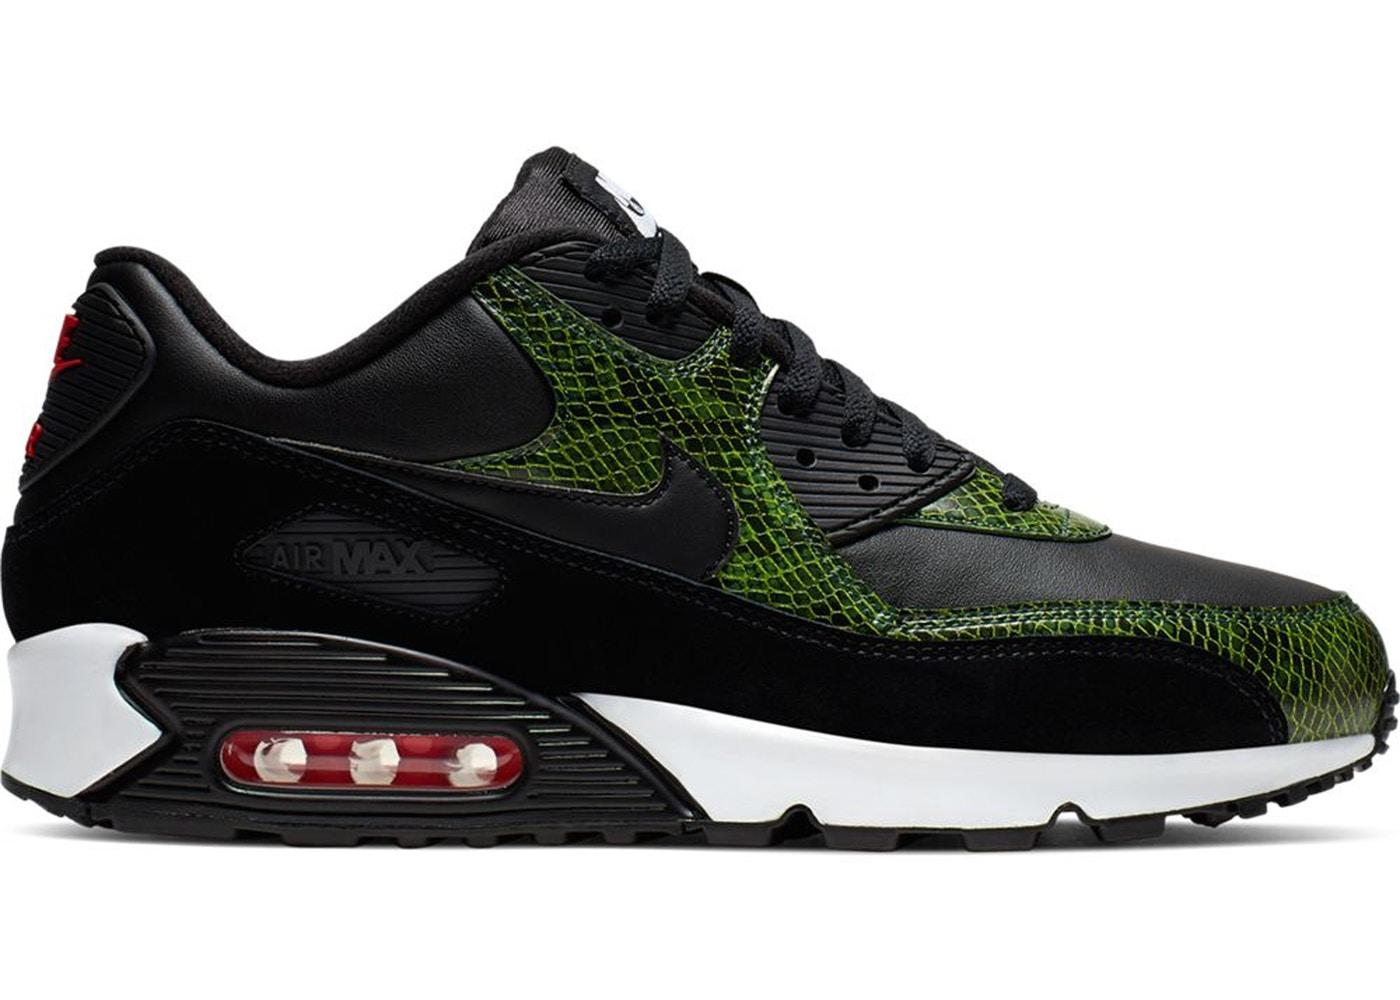 On Sale: Nike Air Max 90 QS